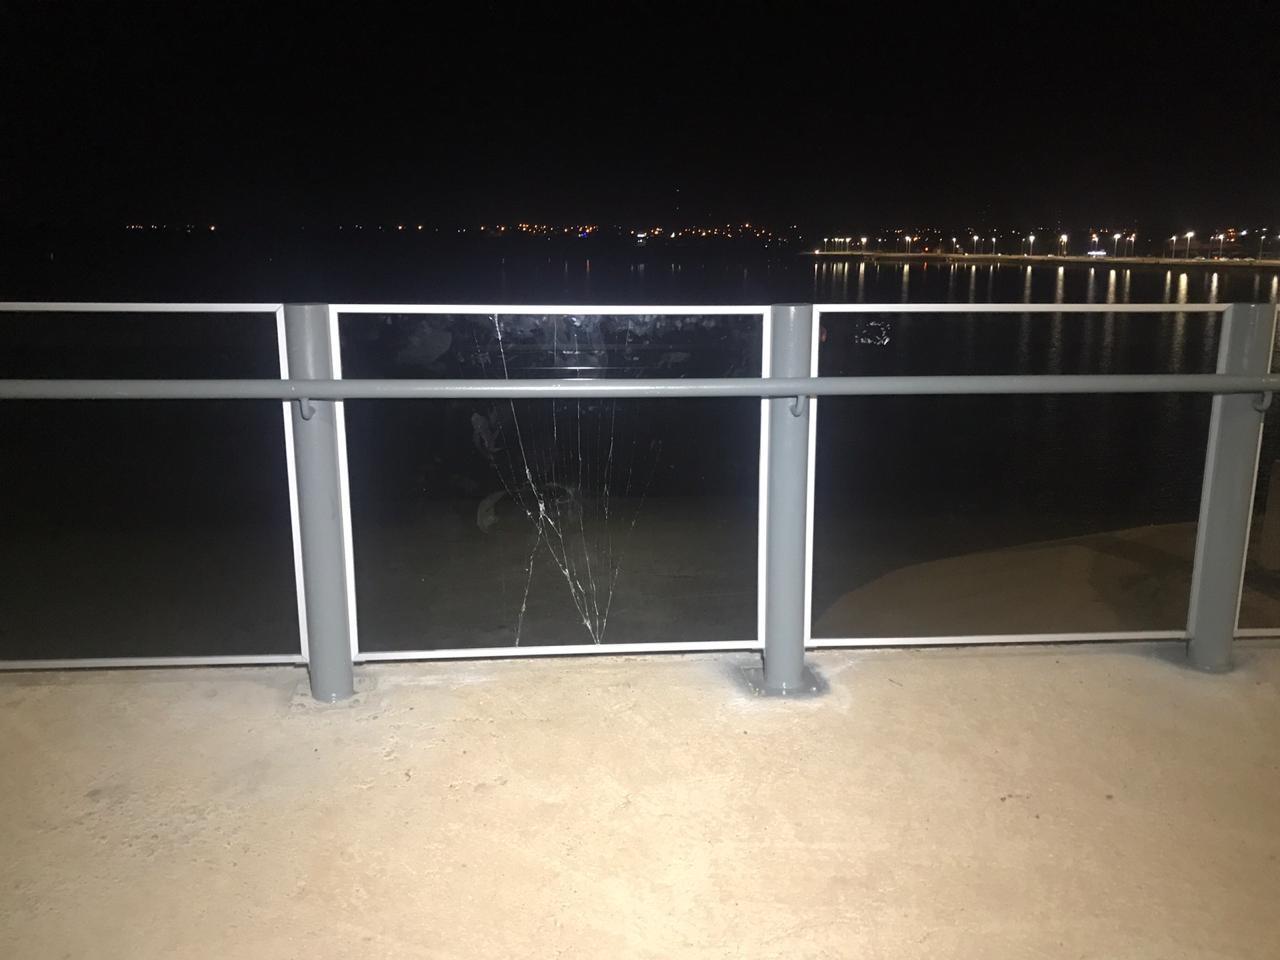 Polícia identifica suspeitos de quebrar vidro de proteção instalado em ponte há menos de uma semana - Notícias - Plantão Diário